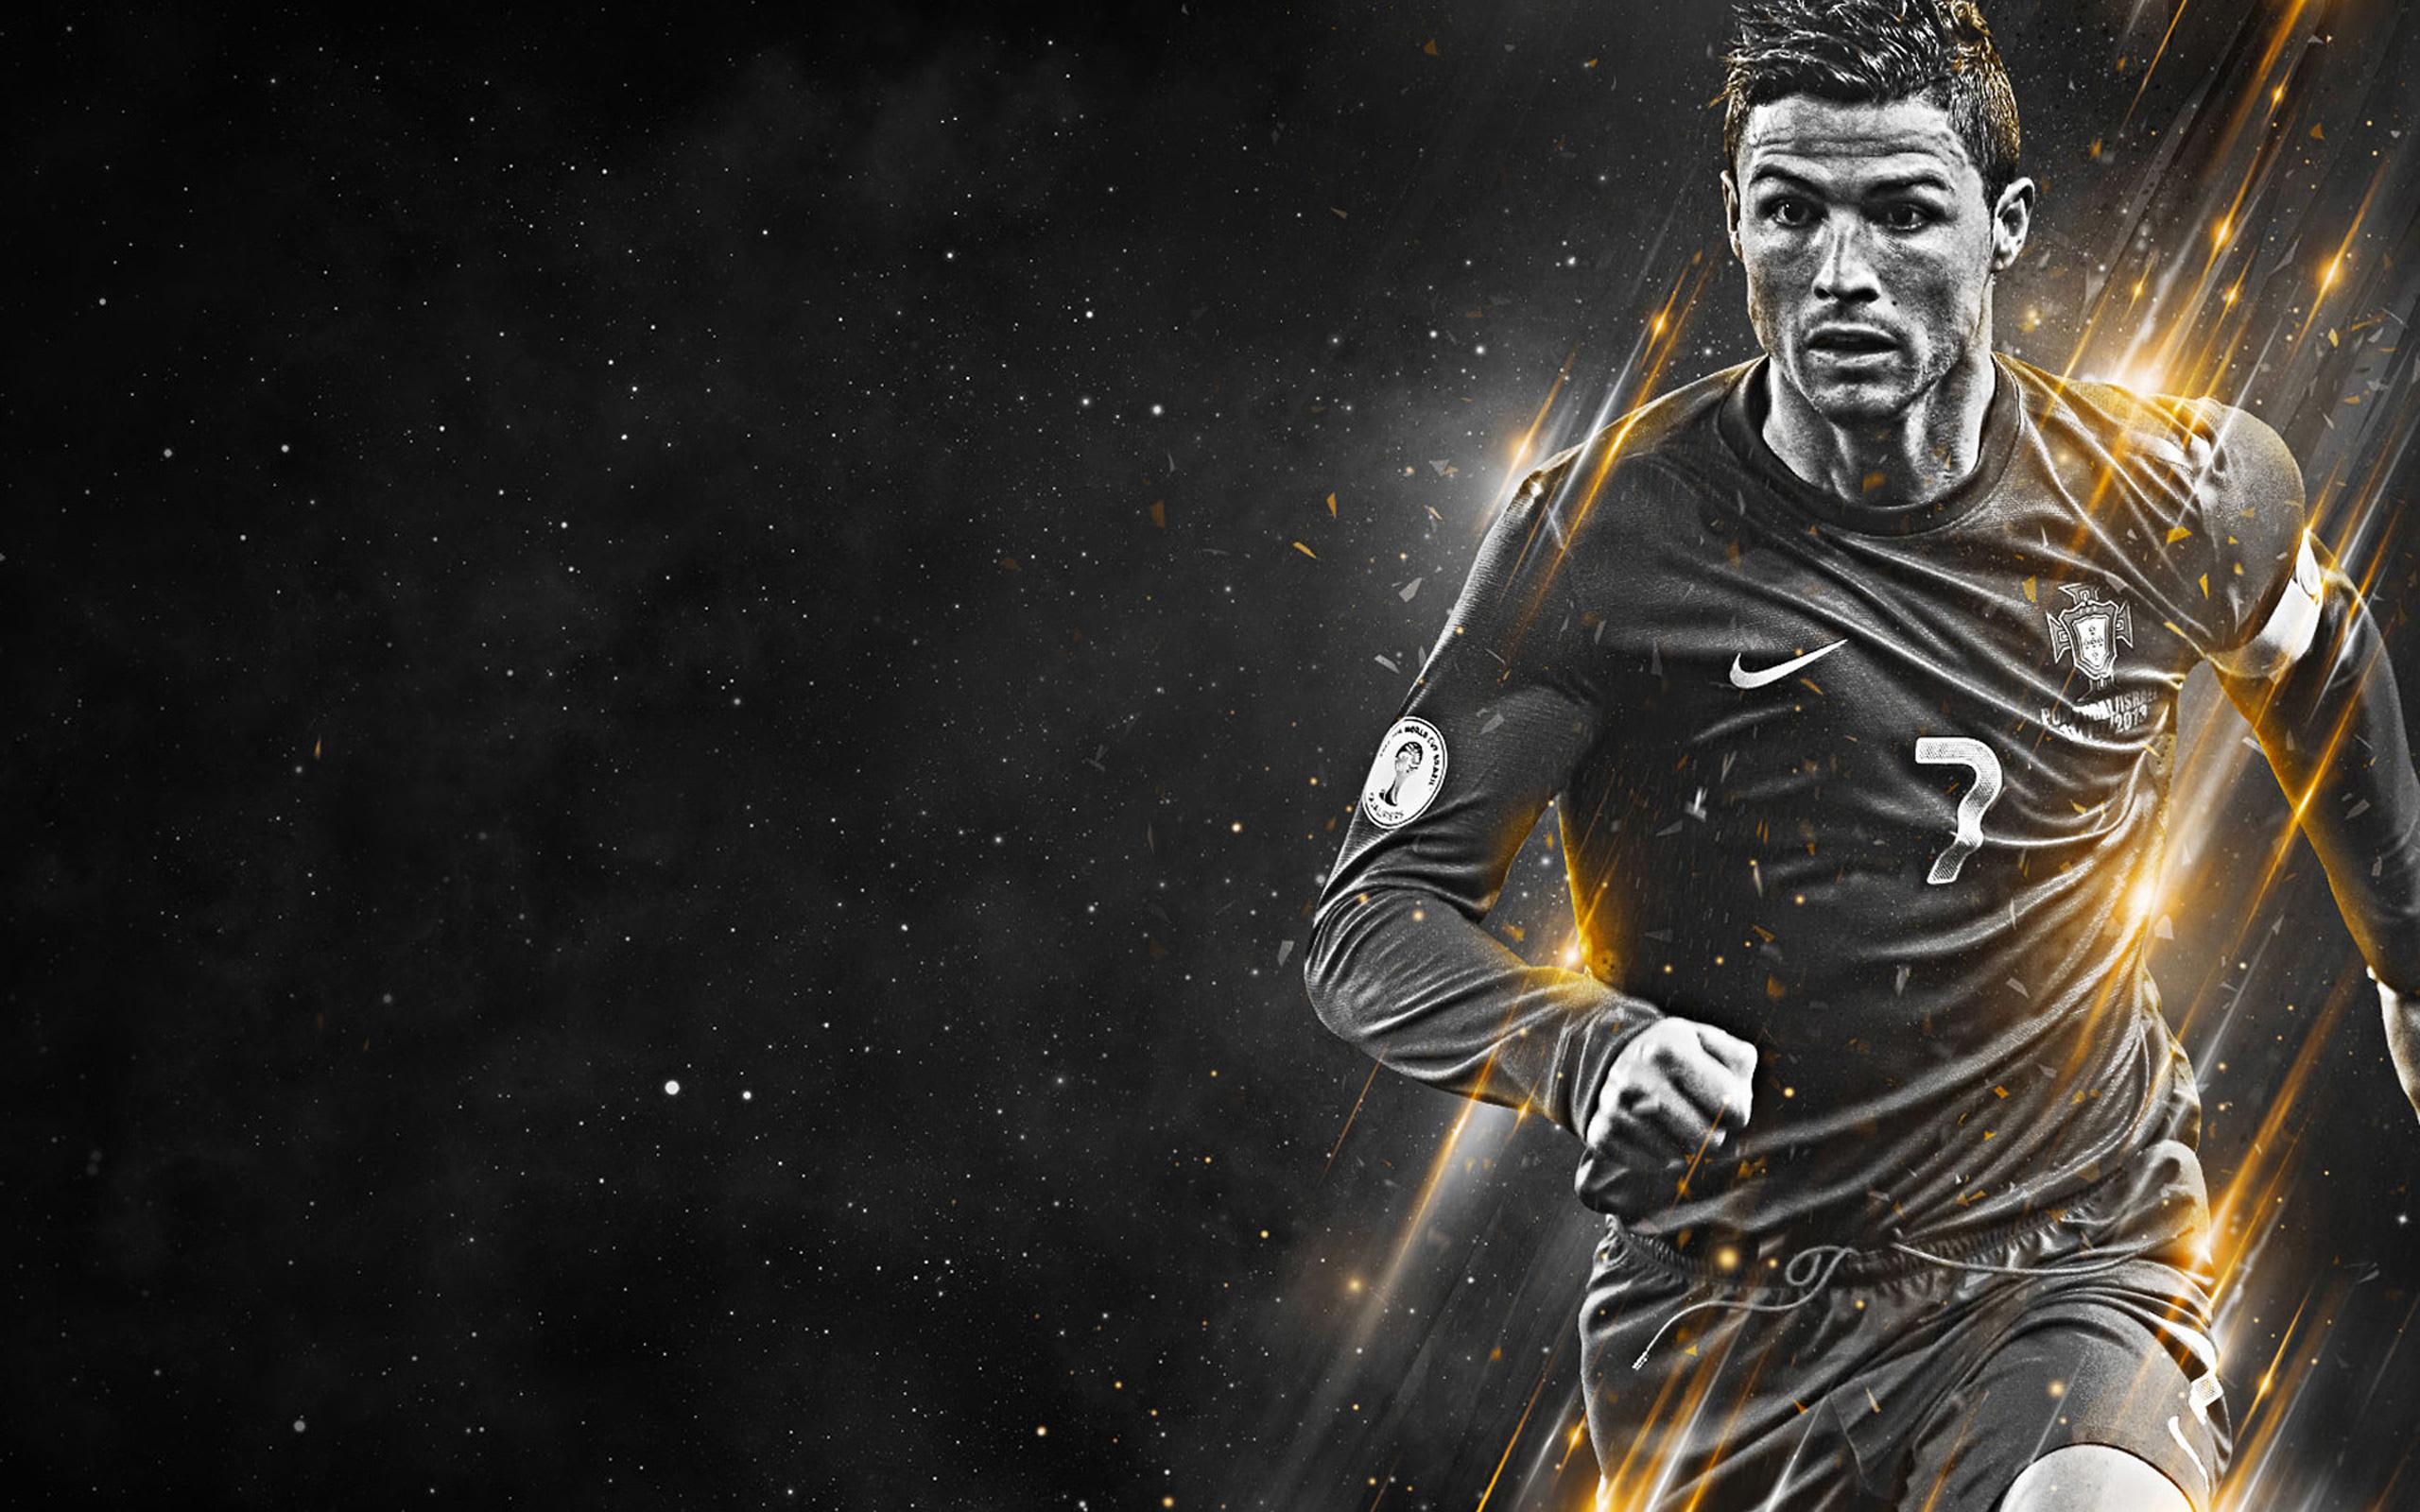 Cristiano Ronaldo black and white wallpaper   Cristiano 2560x1600